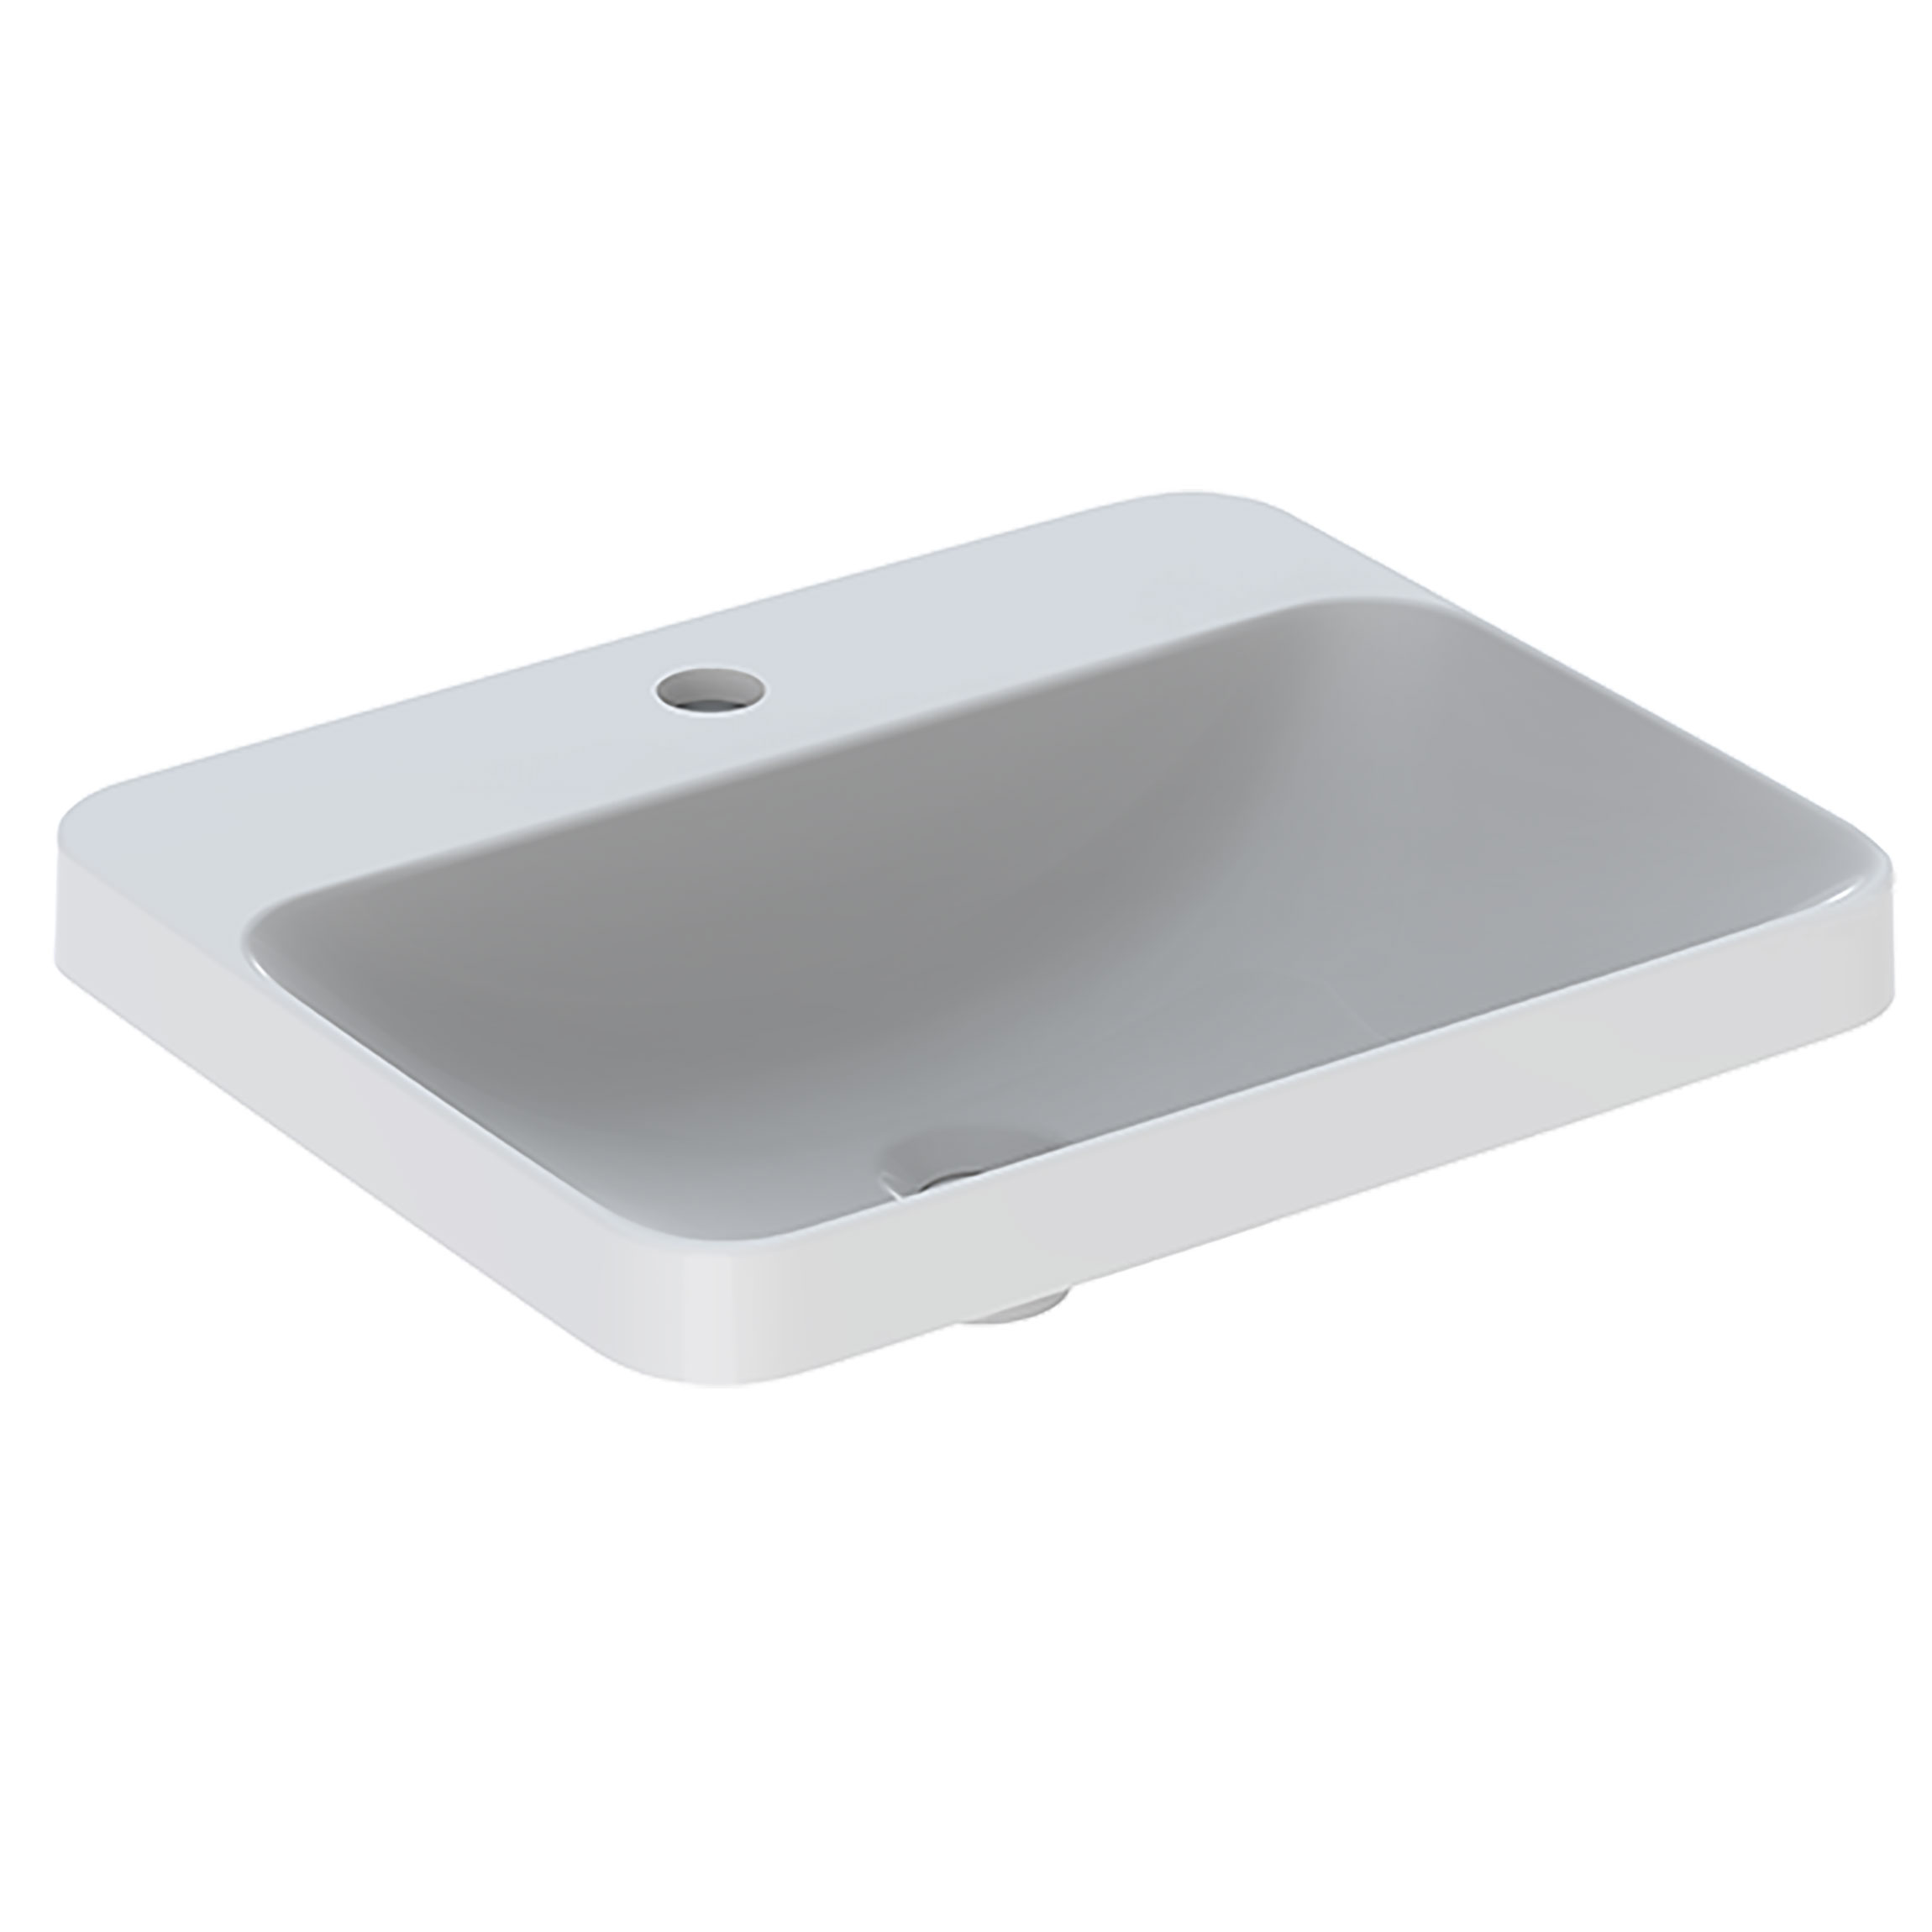 Tvättställ Geberit Variform 550 mm Infälld Rektangulärt Kanthylla